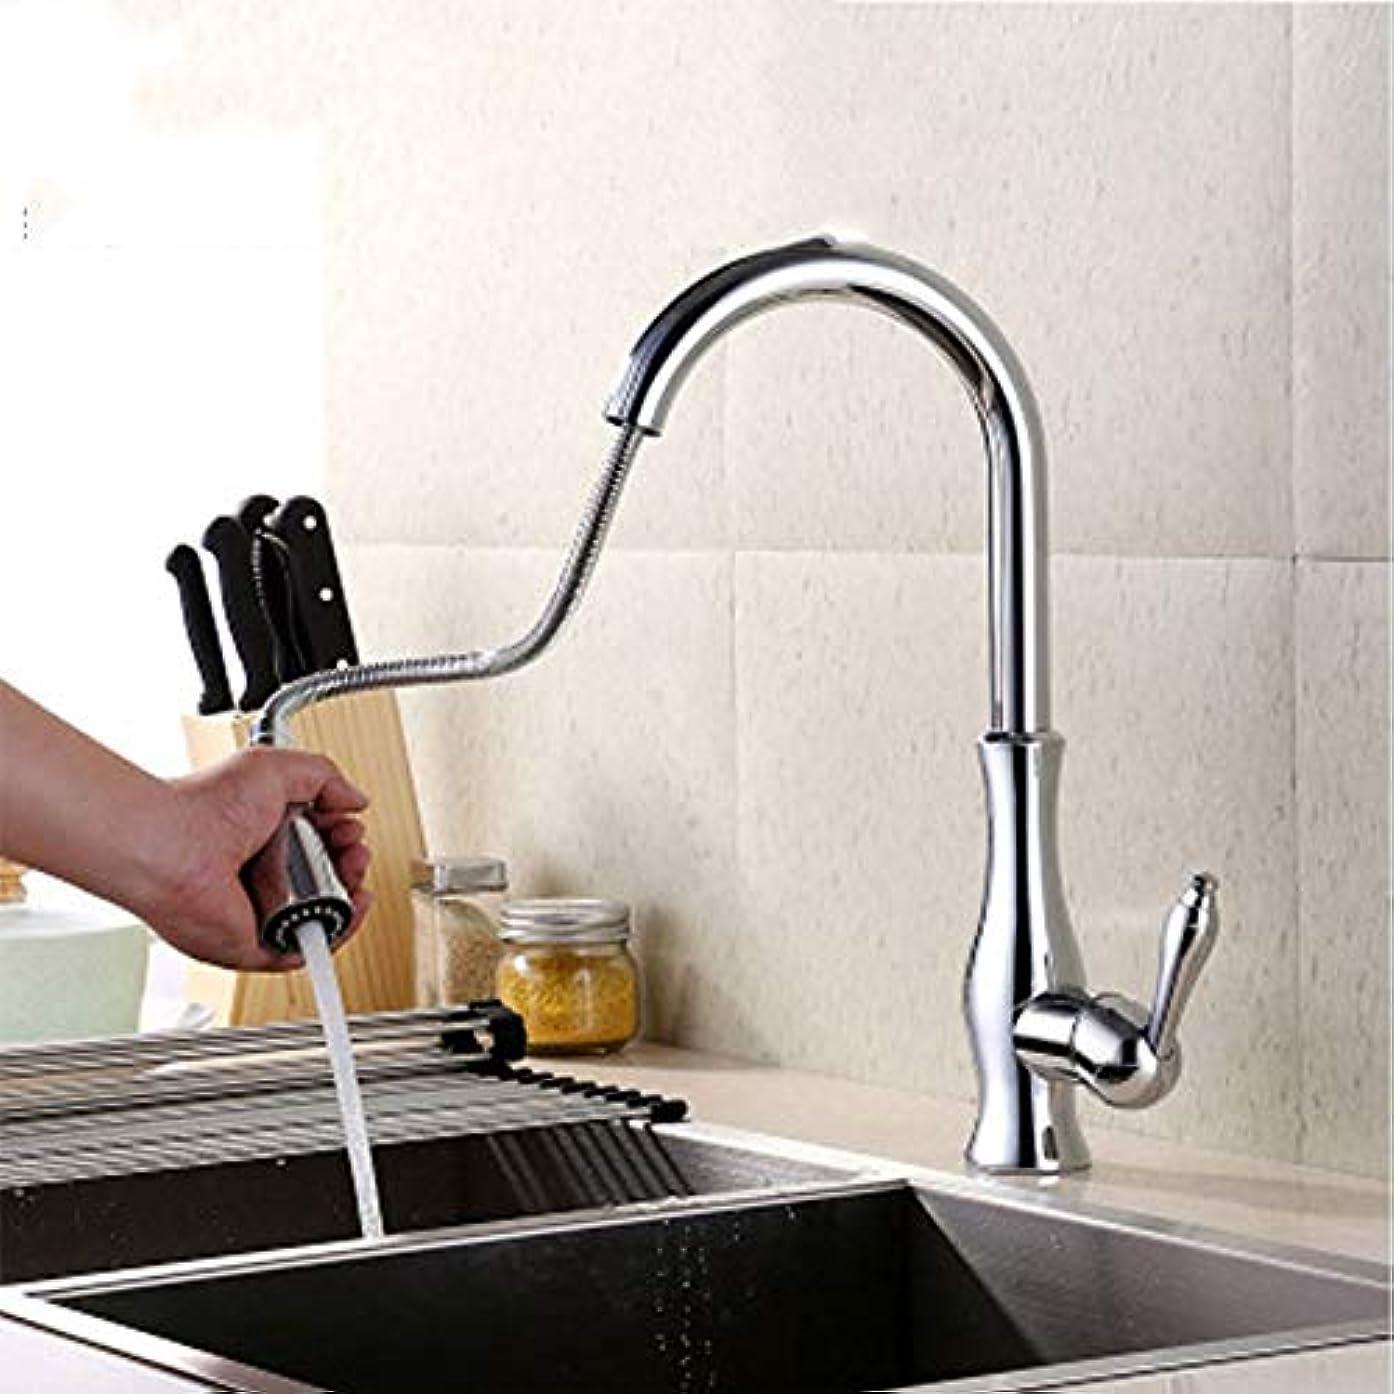 効果的比喩柔和台所は熱いおよび冷水のコック/普遍的な回転可能な2つの水栓/ 2つの冷たいヒートパイプを送ります 銅素材とセラミックバルブコア耐久性 作りがいい